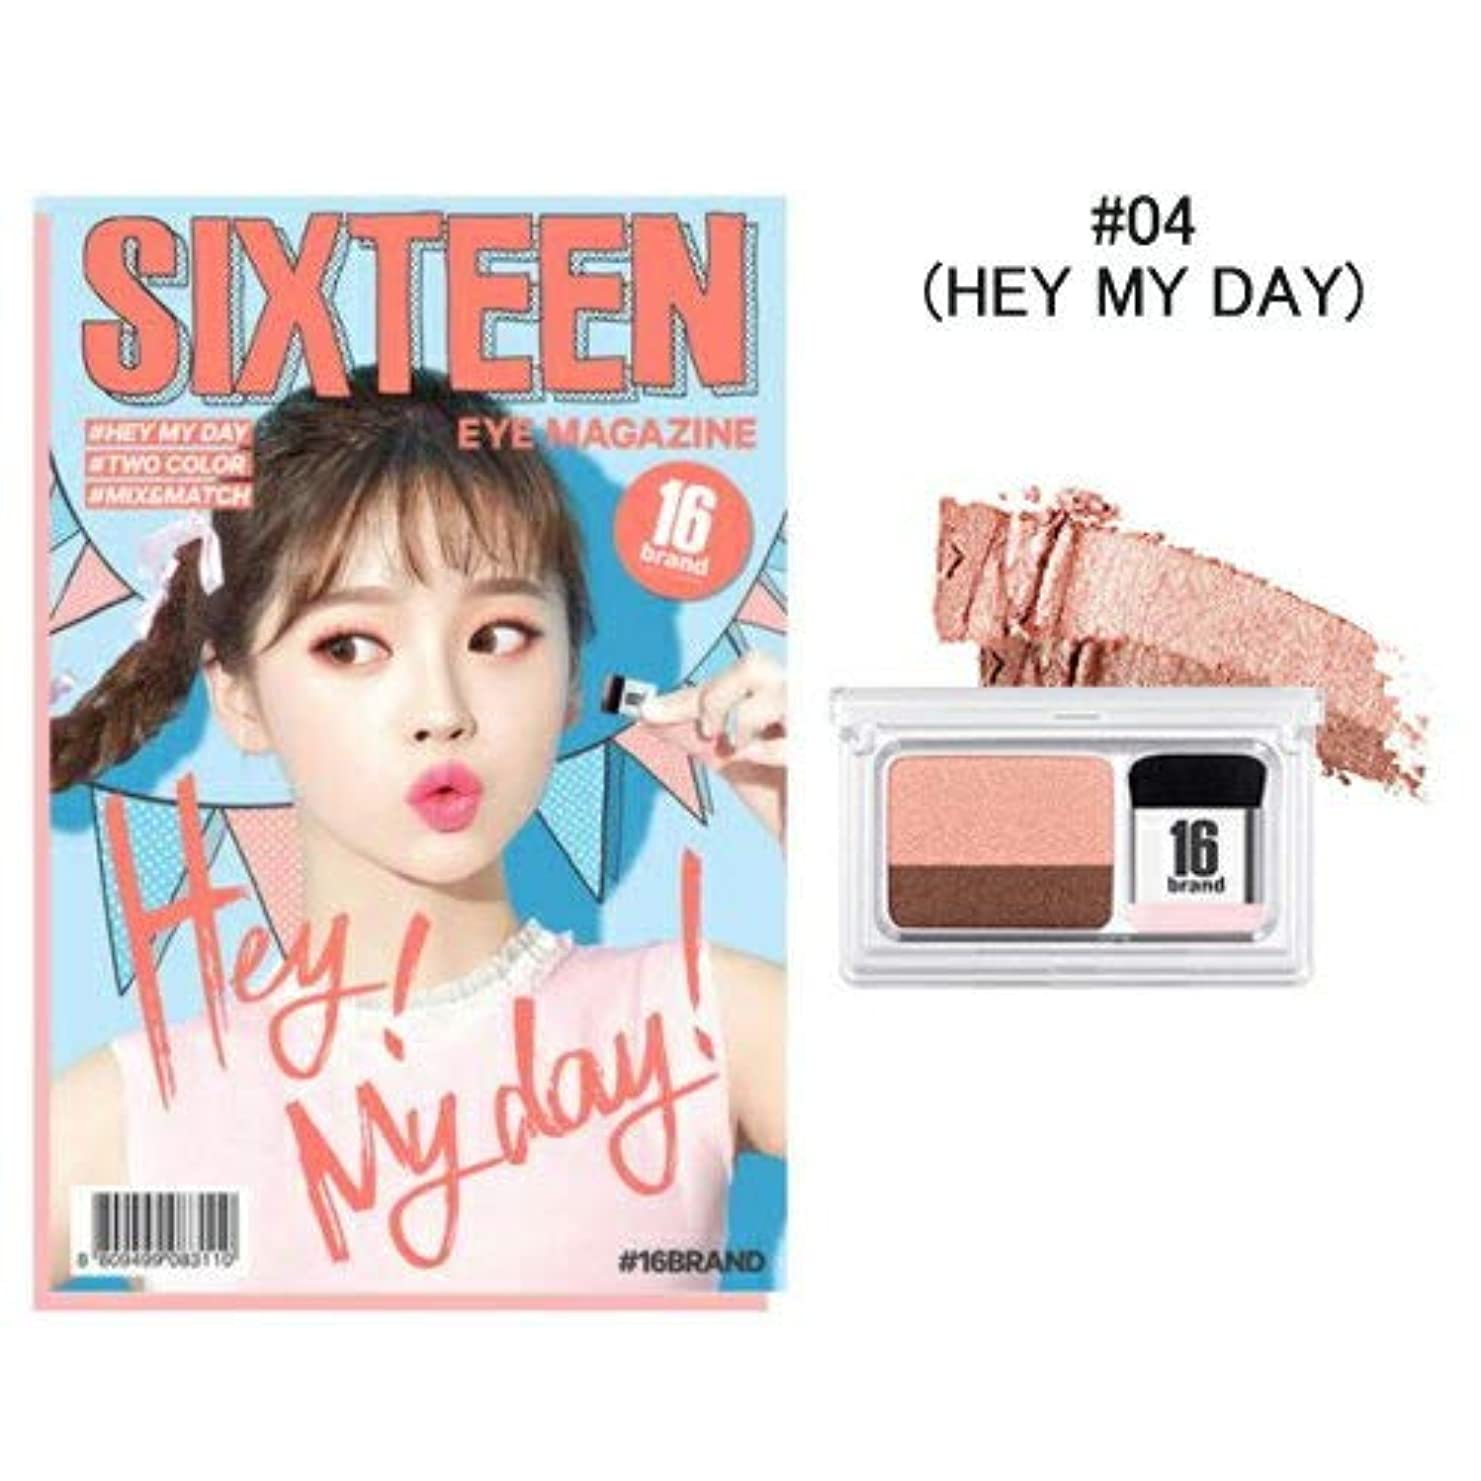 モザイク存在する迷信[New Color] 16brand Sixteen Eye Magazine 2g /16ブランド シックスティーン アイ マガジン 2g (#04 HEY MY DAY) [並行輸入品]